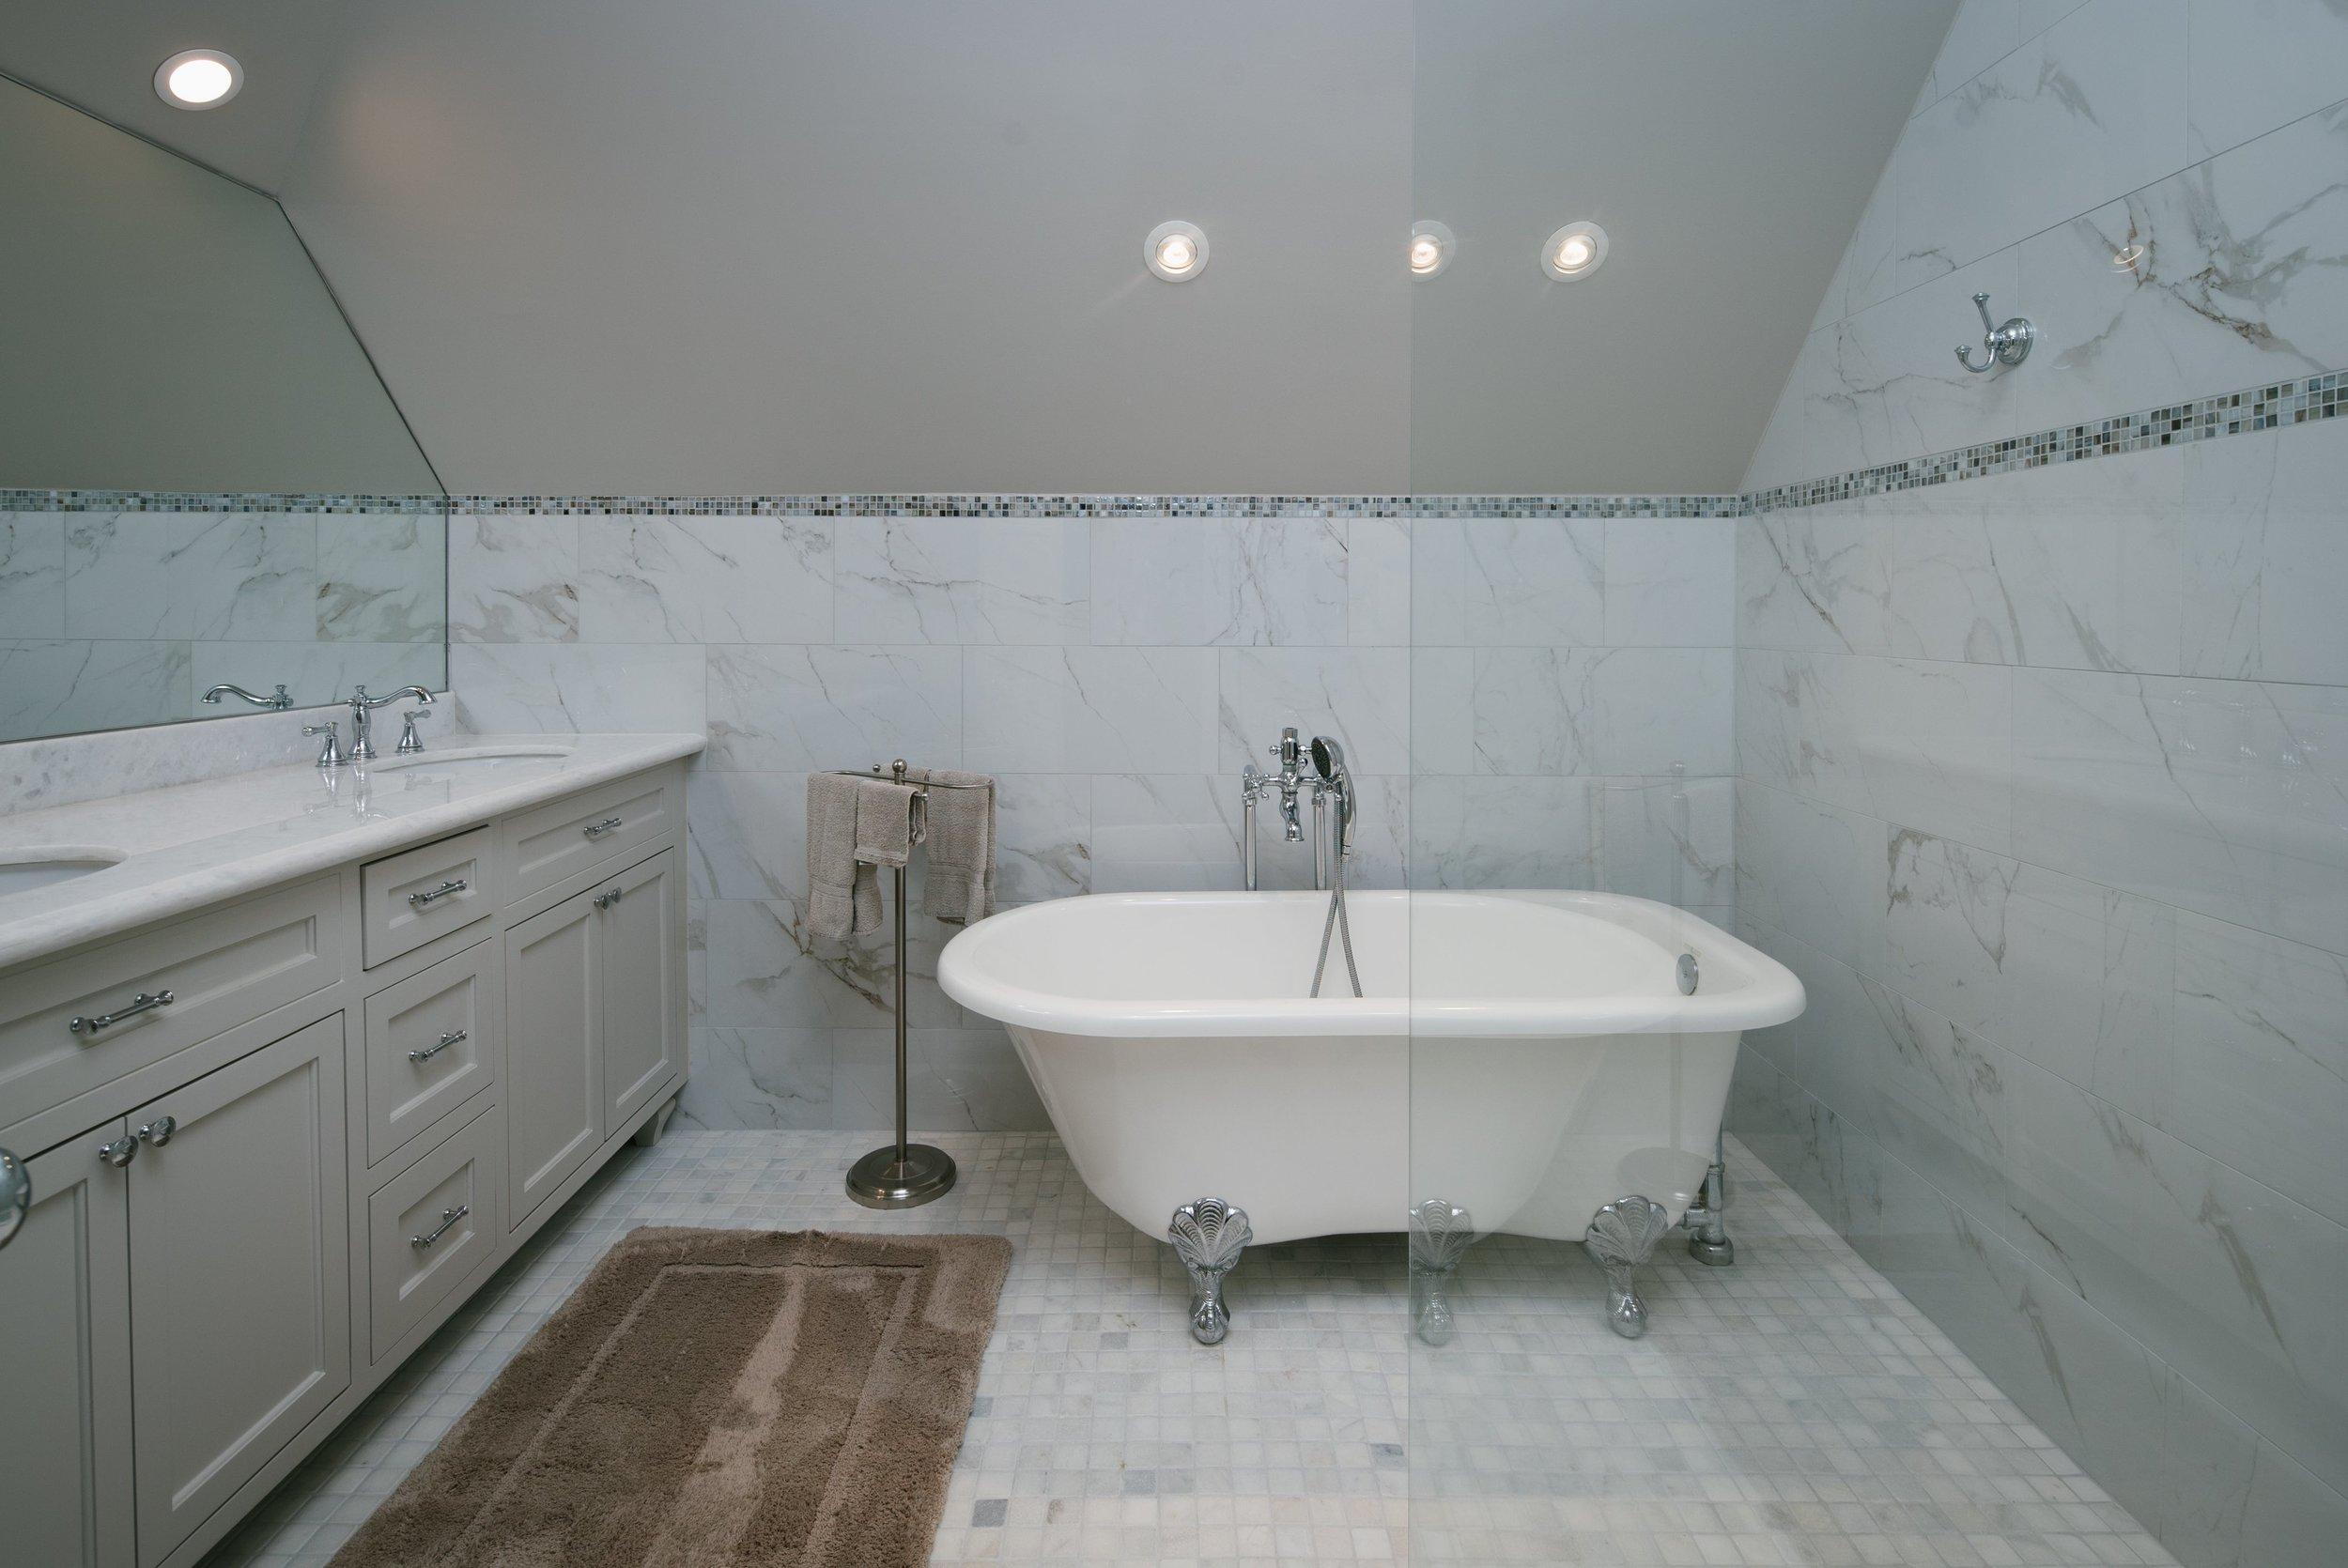 Clawfoot bathtub, frameless mirror, shaker style cabinets, quartz countertops, white countertops, marble tile, grey tile, frameless walk-in shower, glass shower, elegant bathroom.